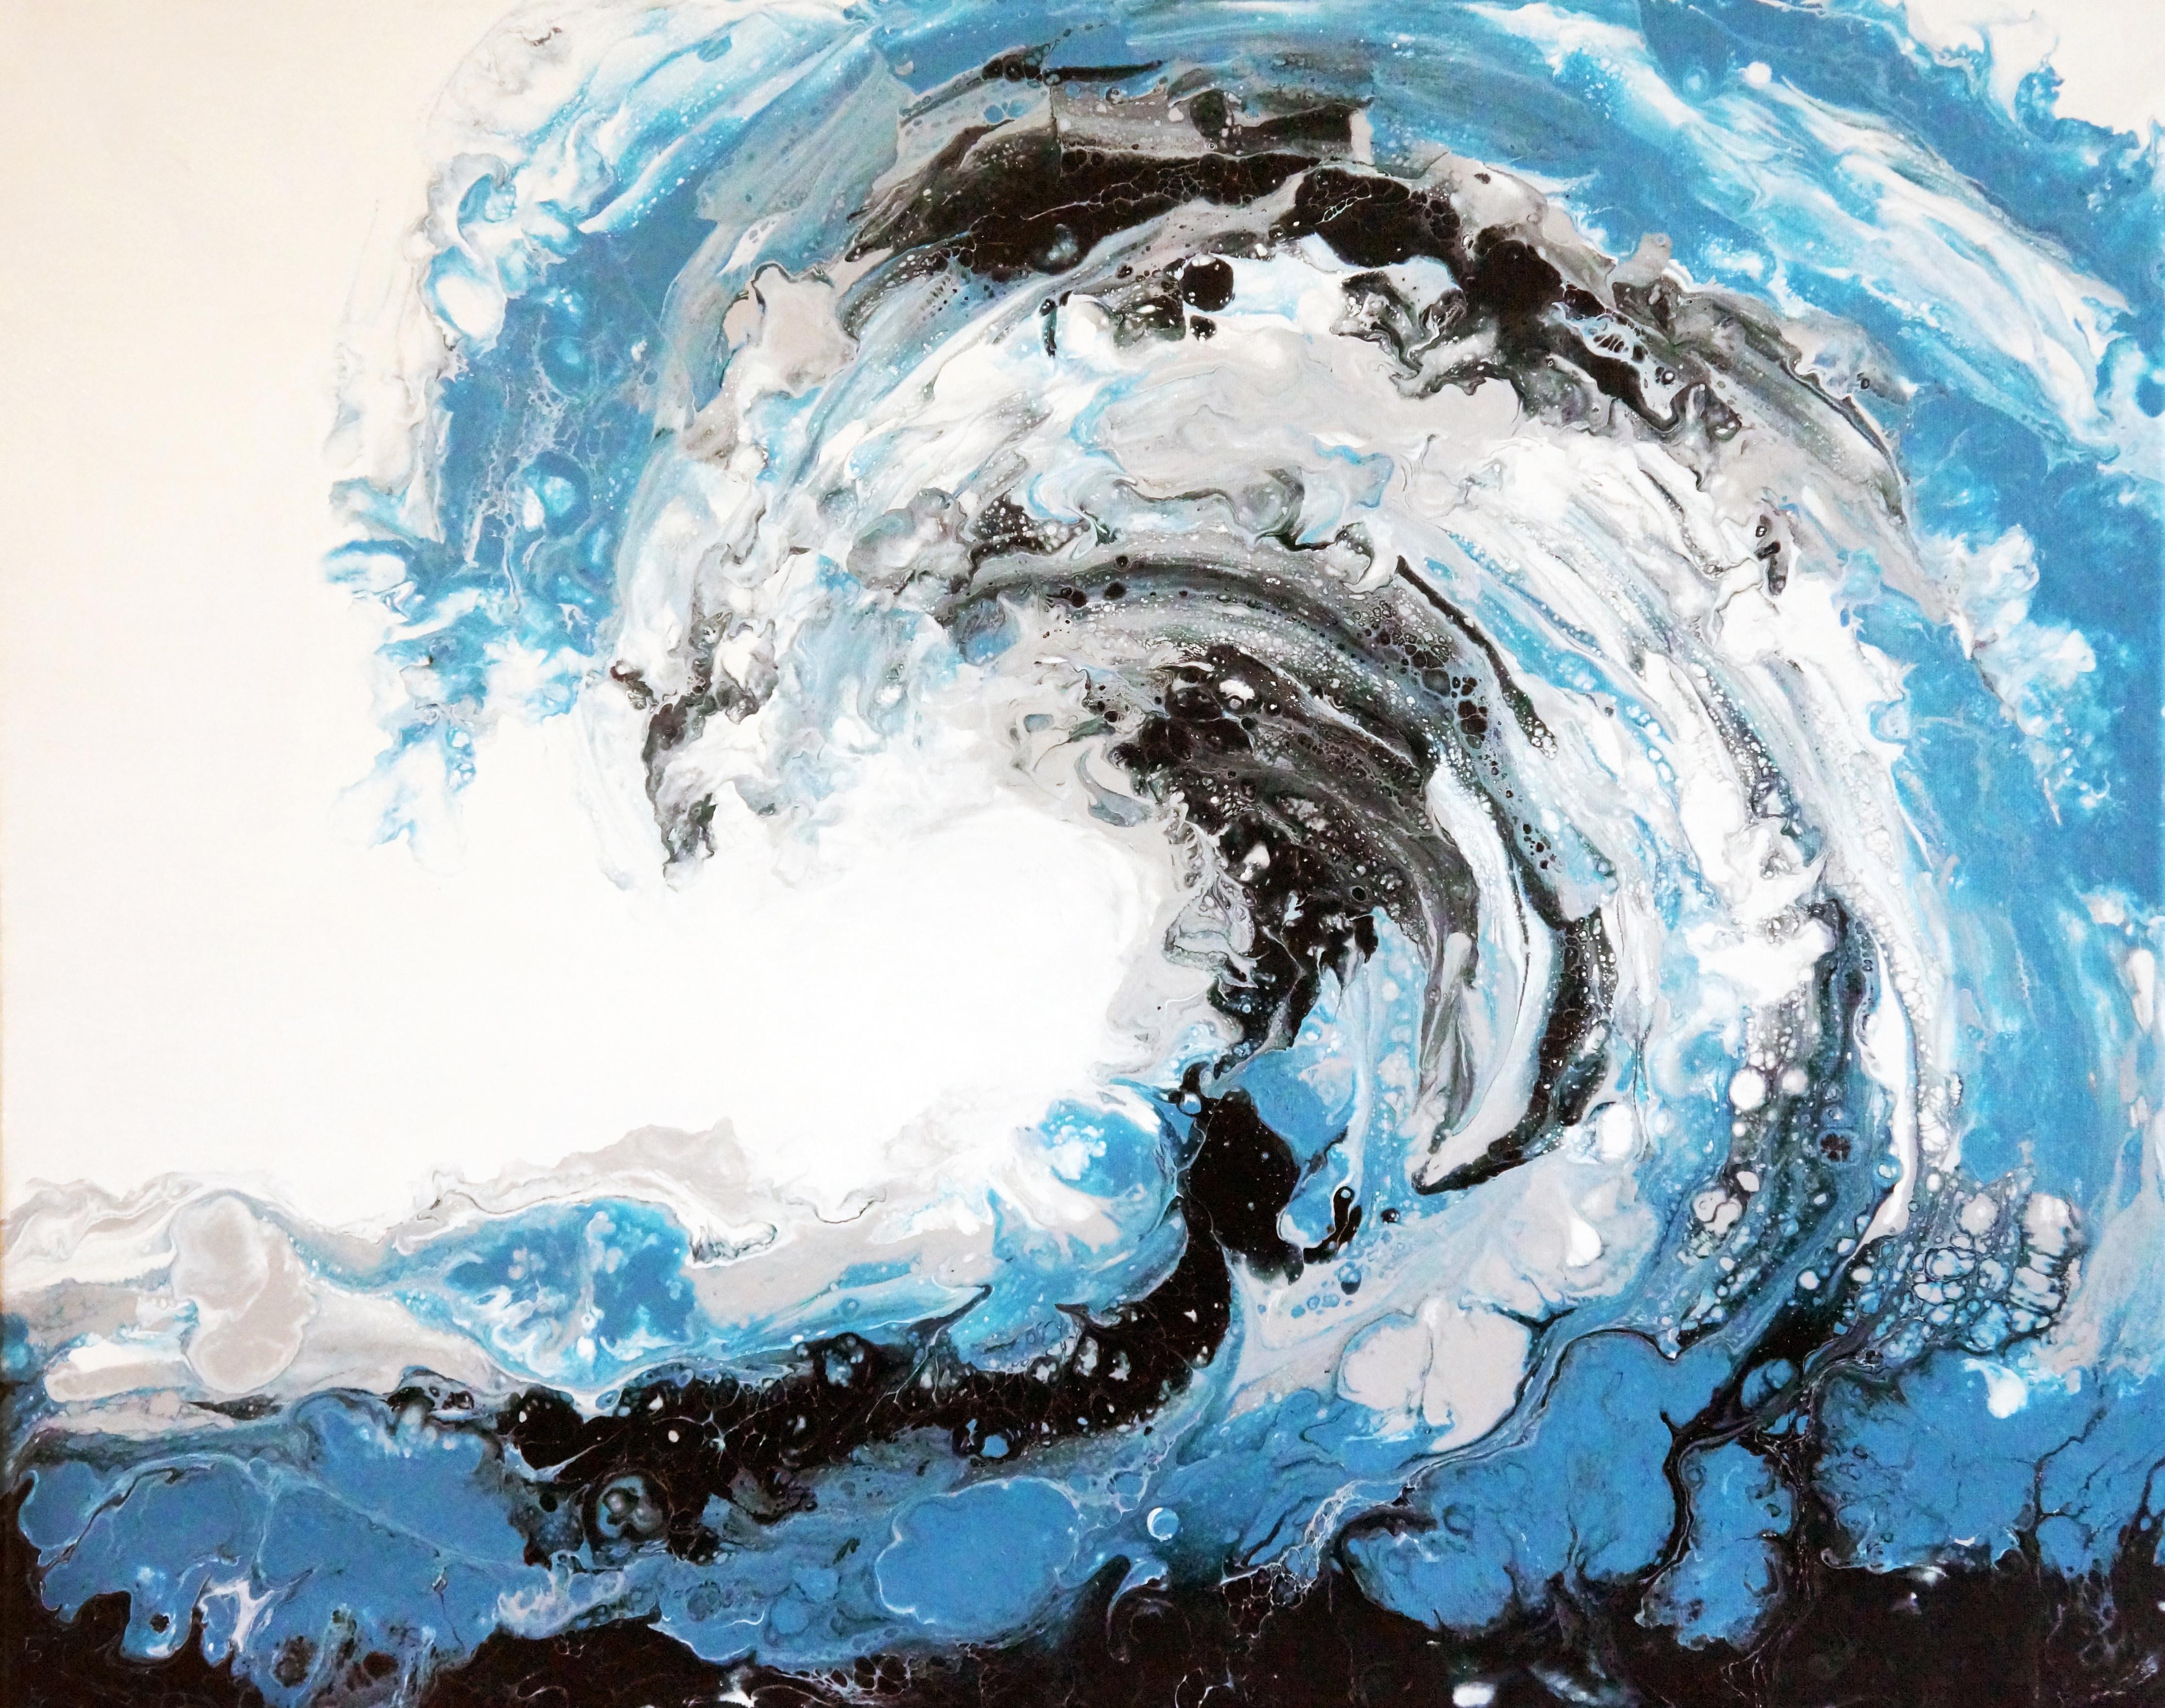 acrylic fluid painting, abstract wave, fluid painting, abstract painting, pour painting, blue fluid painting, beach fluid painting, beach, tropical painting, blue abstract painting, wave painting